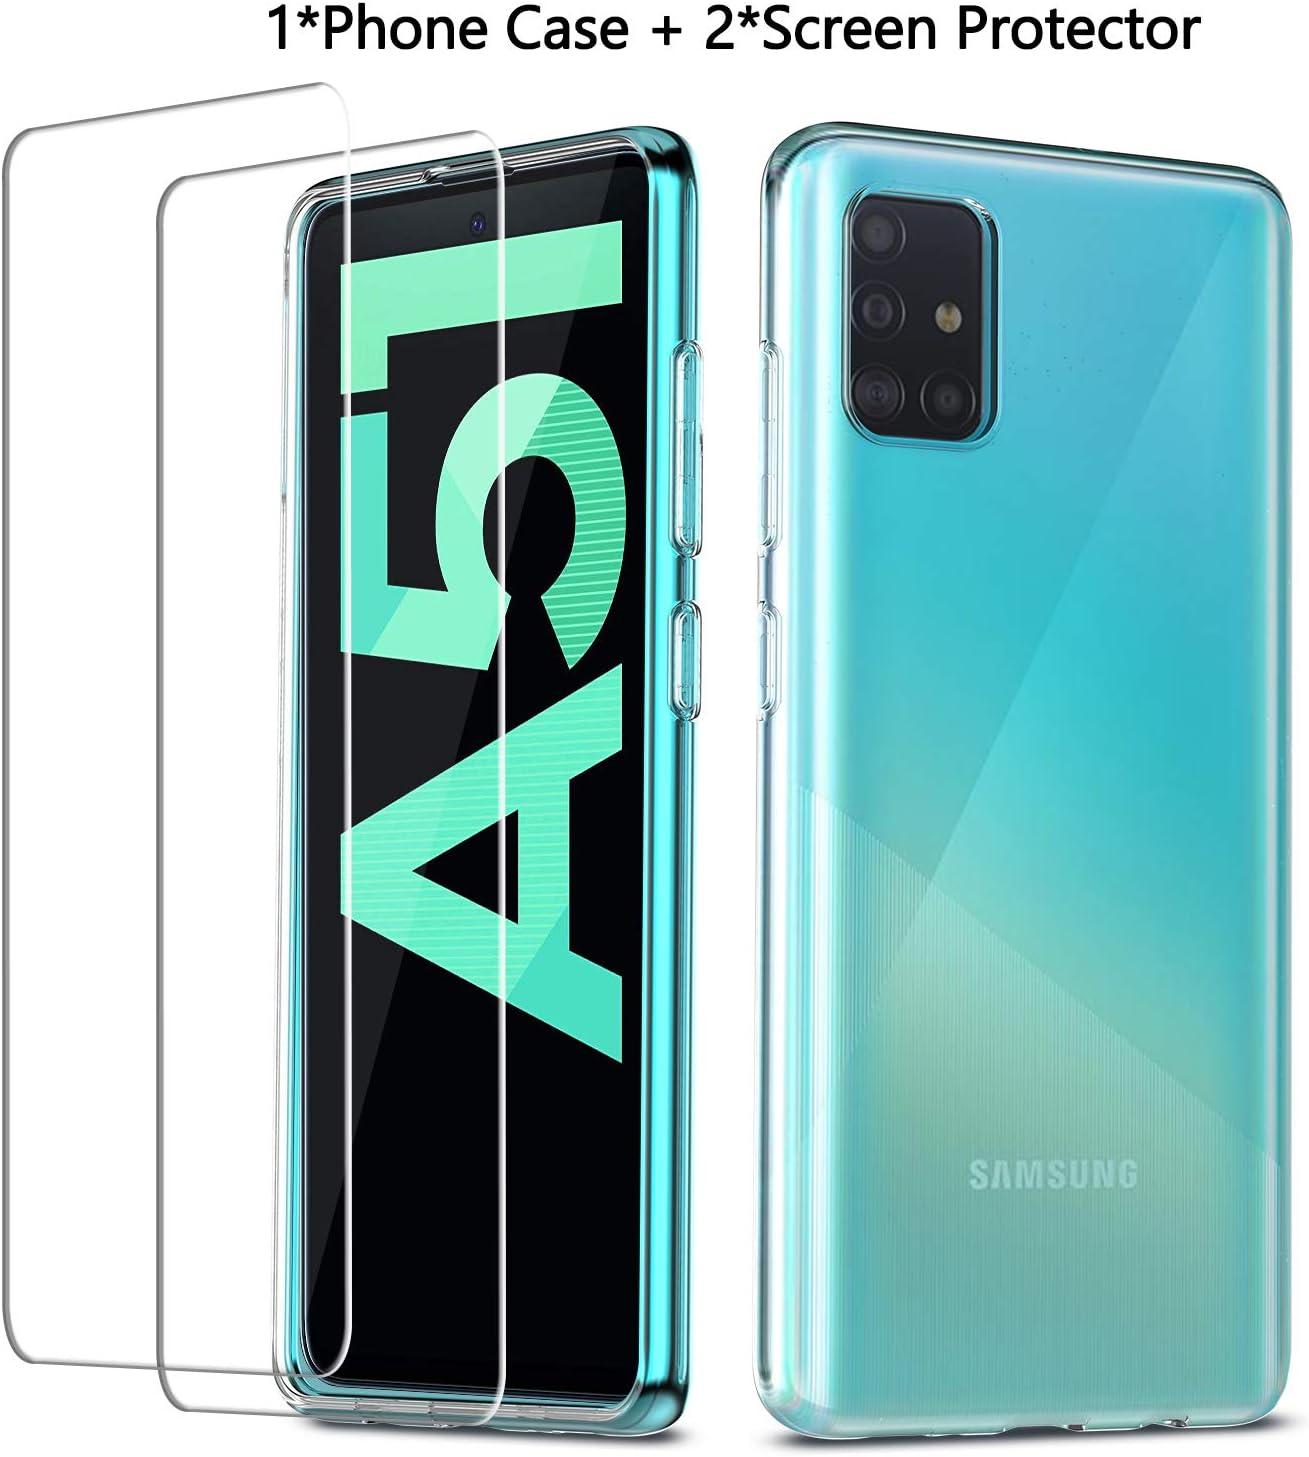 QHOHQ Funda Samsung Galaxy A51+2 Pack Cristal Templado Protector de Pantalla Samsung Galaxy A51, Ultra Fina Silicona Transparente TPU Cases Anti-caíd